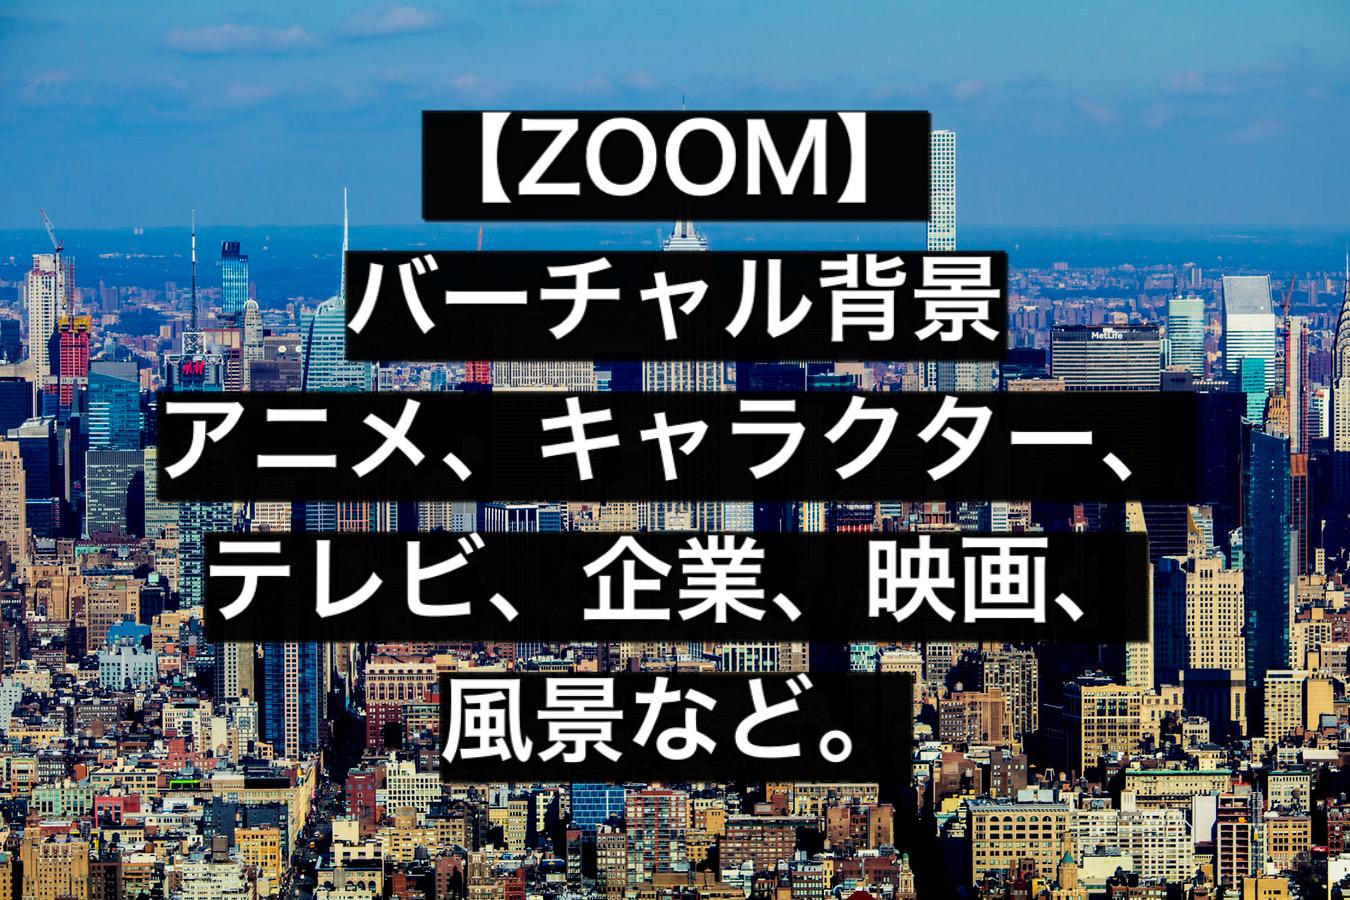 背景 ダウンロード バーチャル zoom